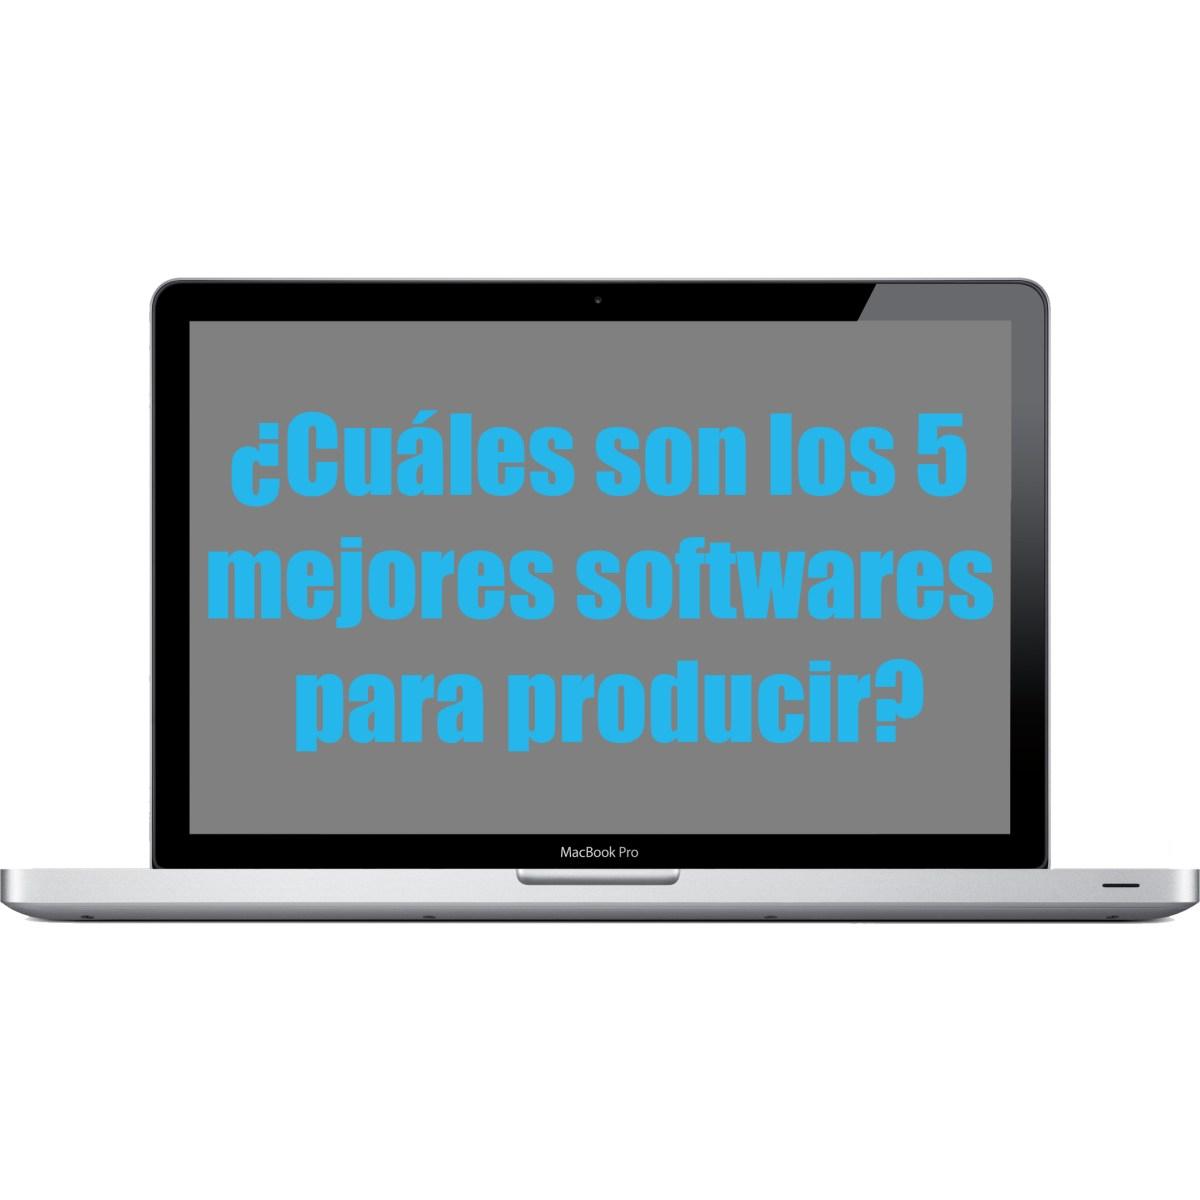 Cuáles son los 5 mejores software para producir